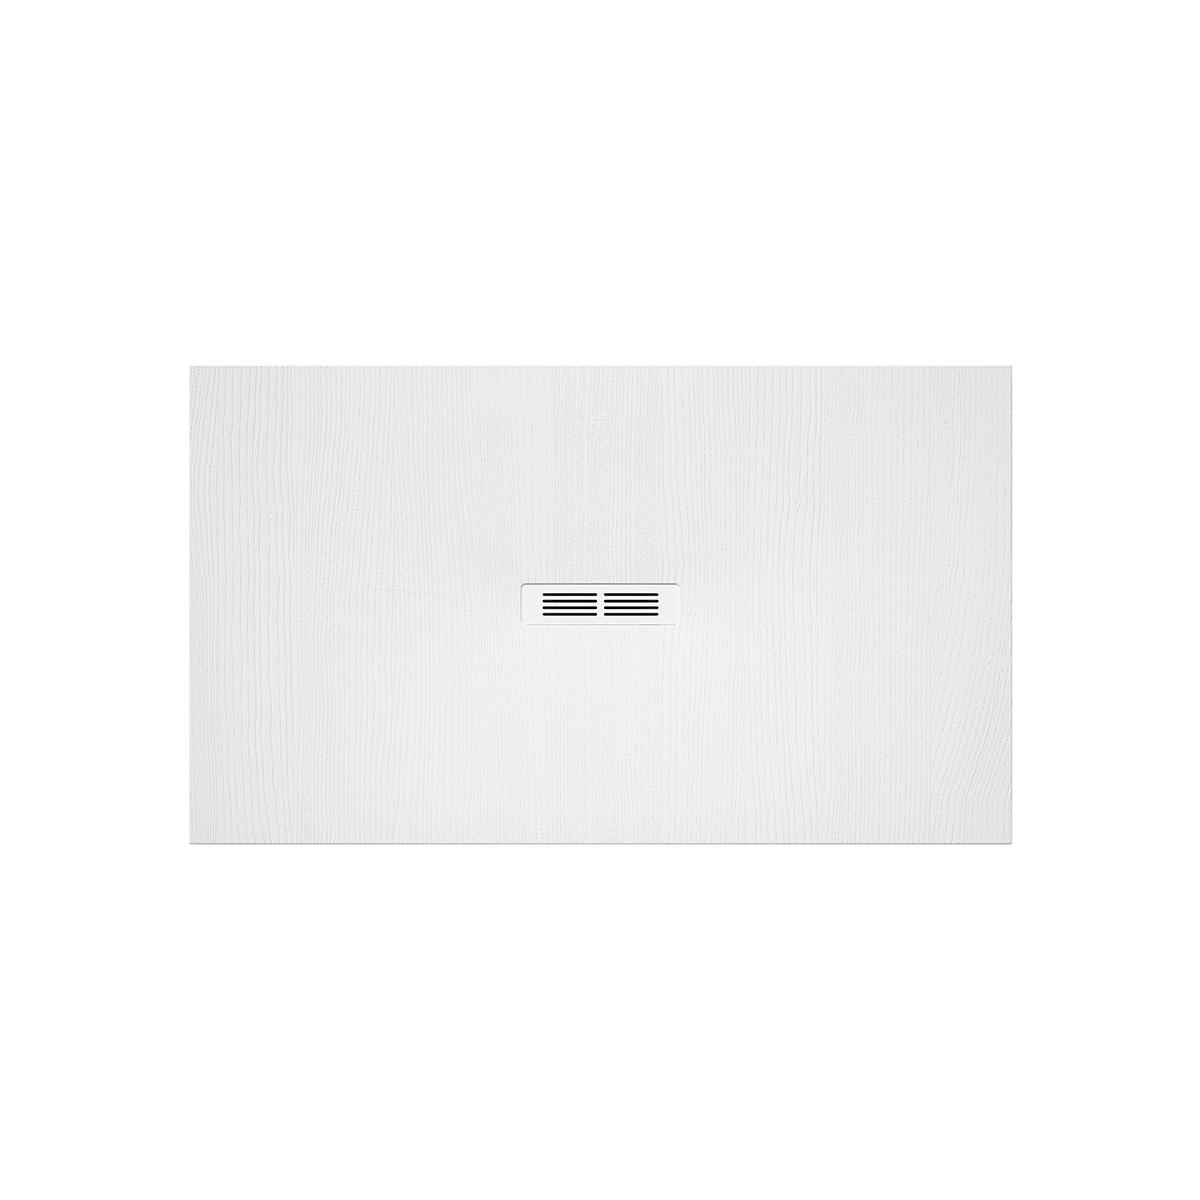 Фото - Душевой поддон Roca HELIOS 1400X800 мм, цвет White AP2015783200110P поддон душевой praktik стальной эмалированный 800х800х160 мм